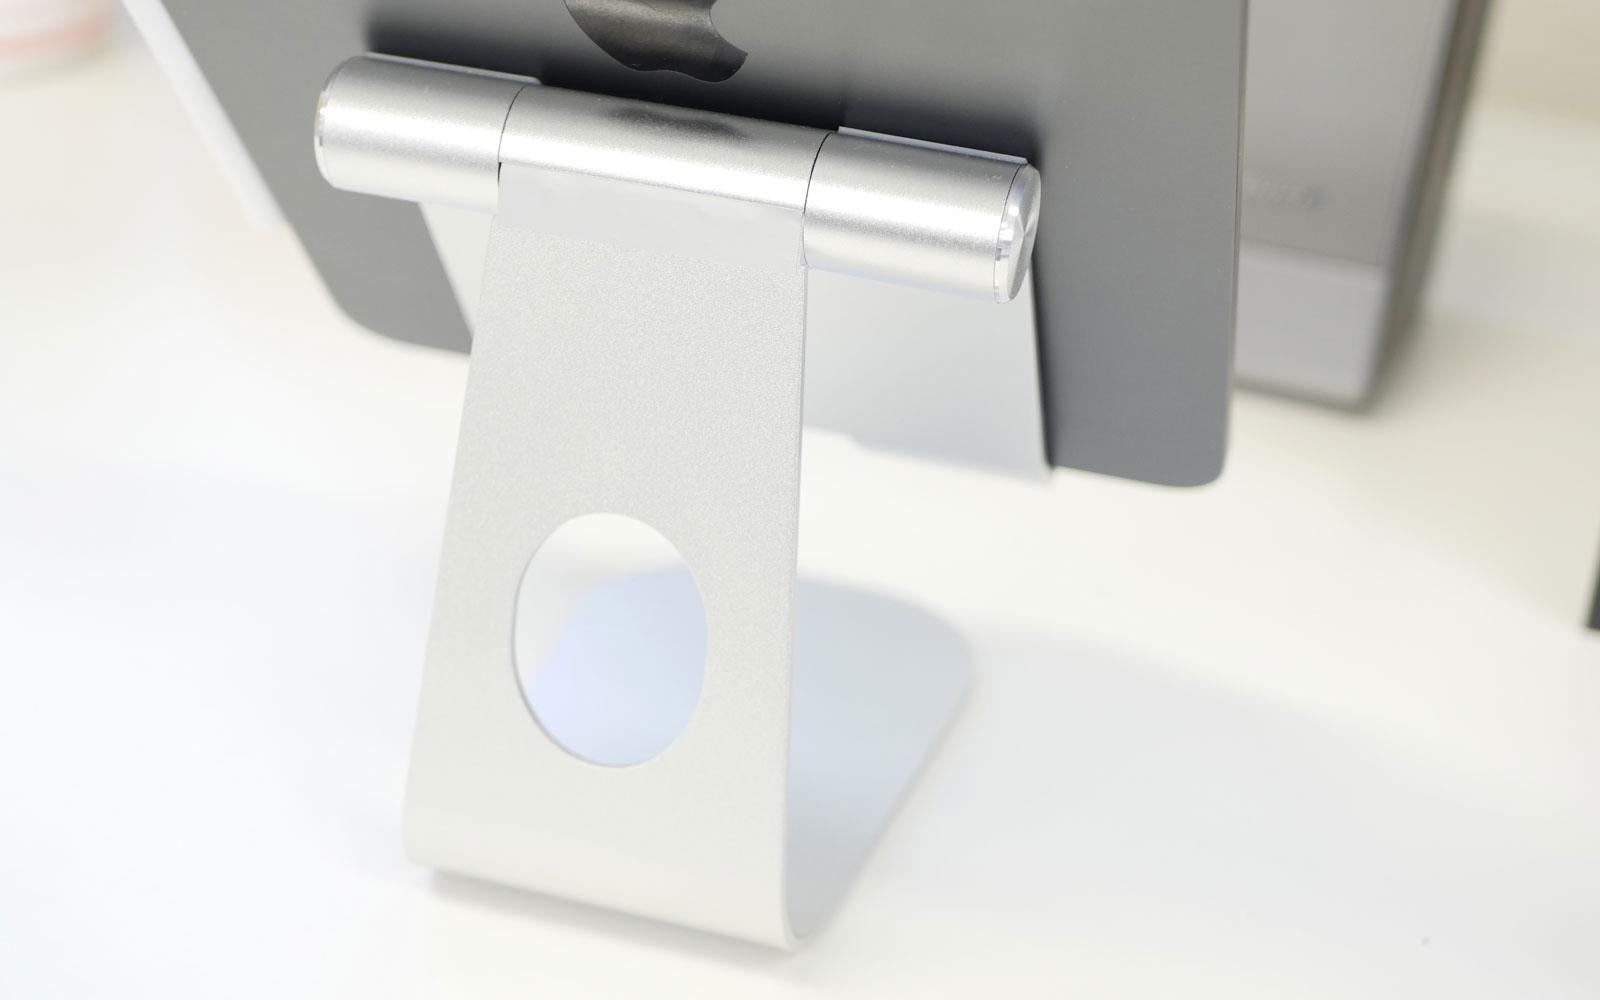 タブレットスタンド(iPad Pro 11インチ用に)